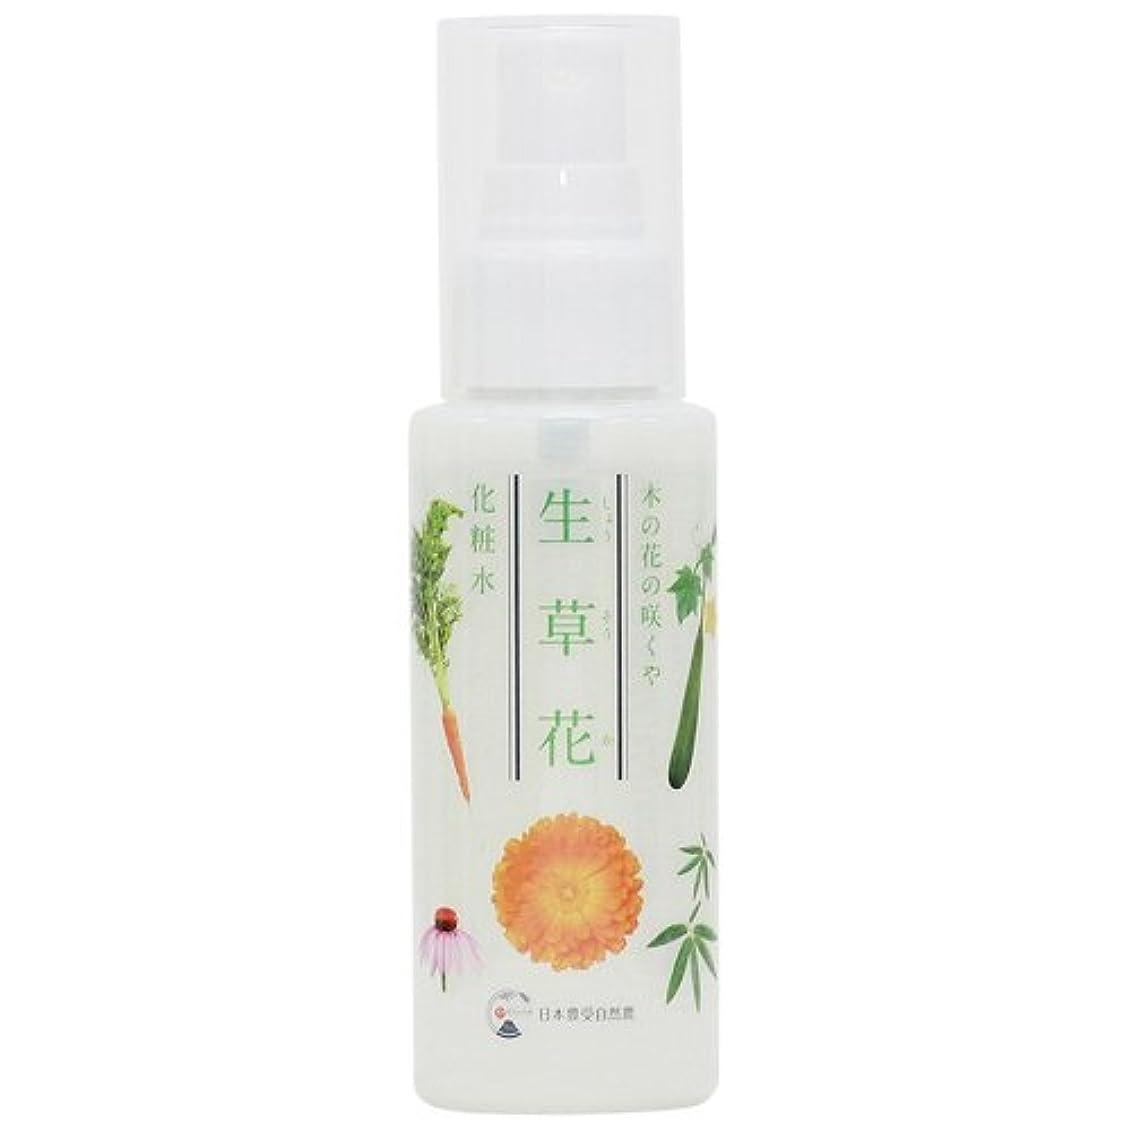 クレタ果てしない注目すべき日本豊受自然農 木の花の咲くや 生草花 化粧水 80ml